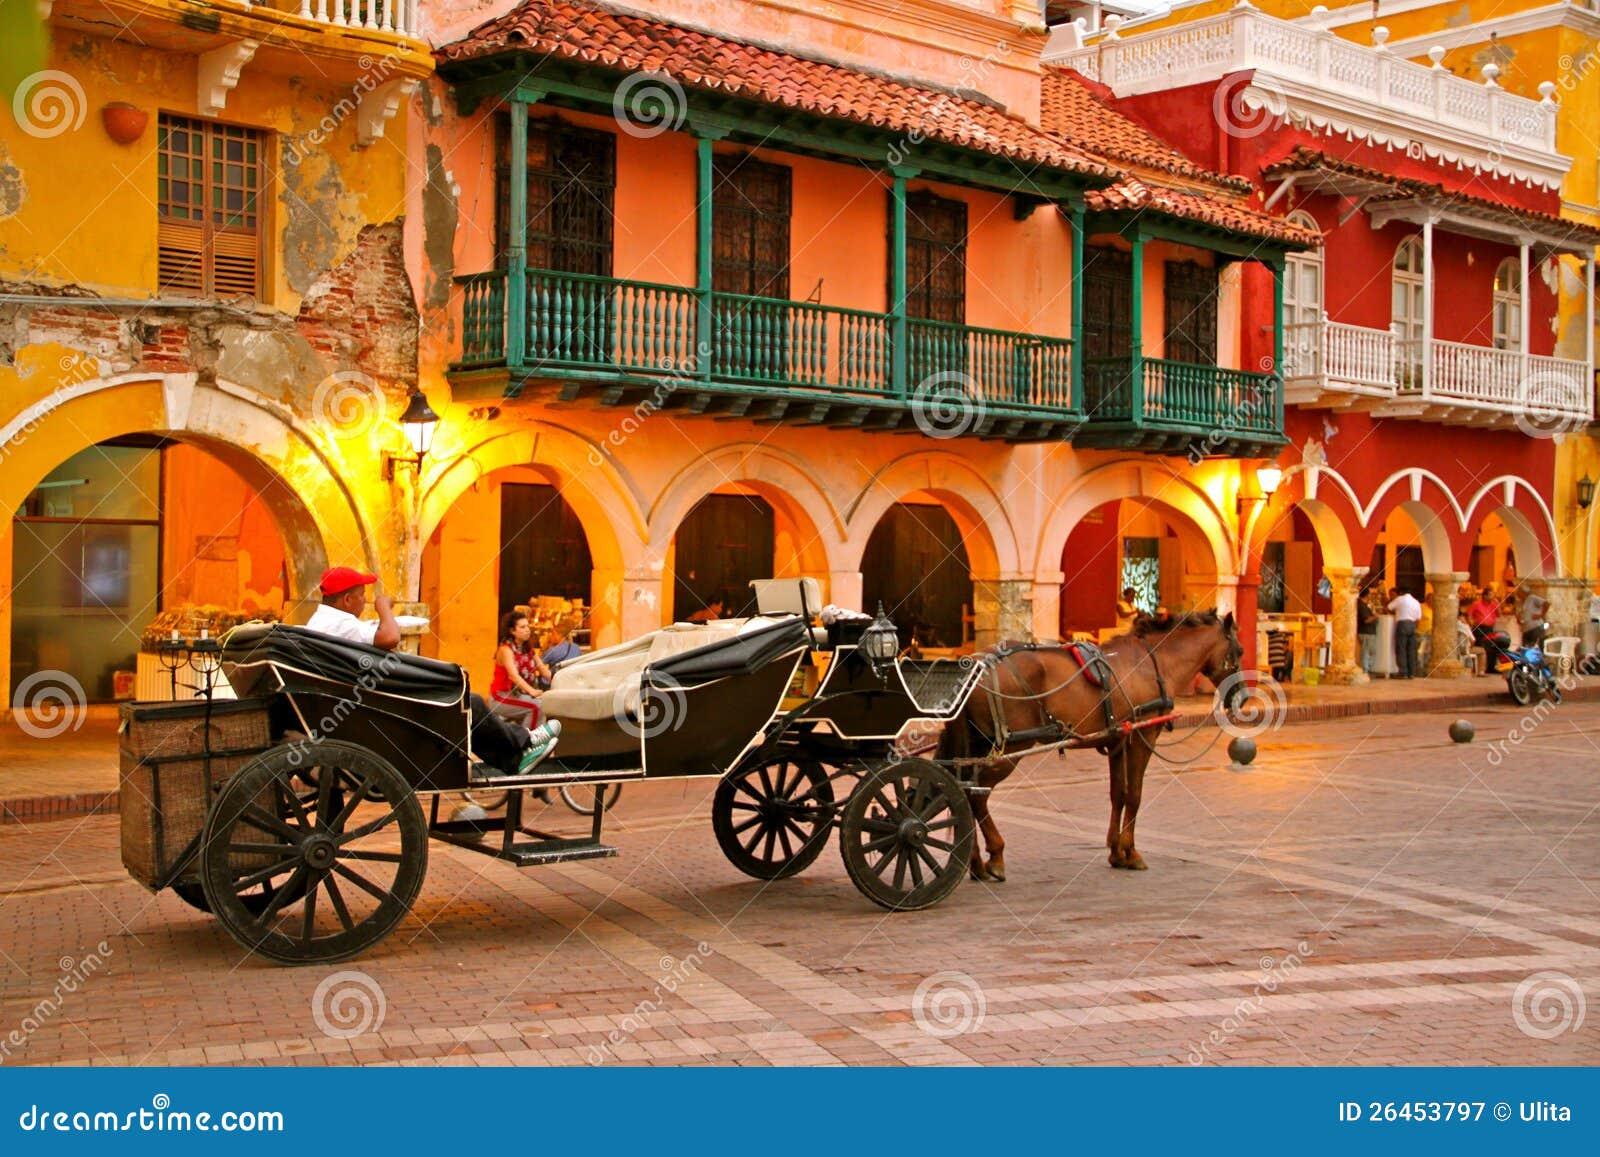 Häst dragen vagn, Plaza de los Coches, Cartagena